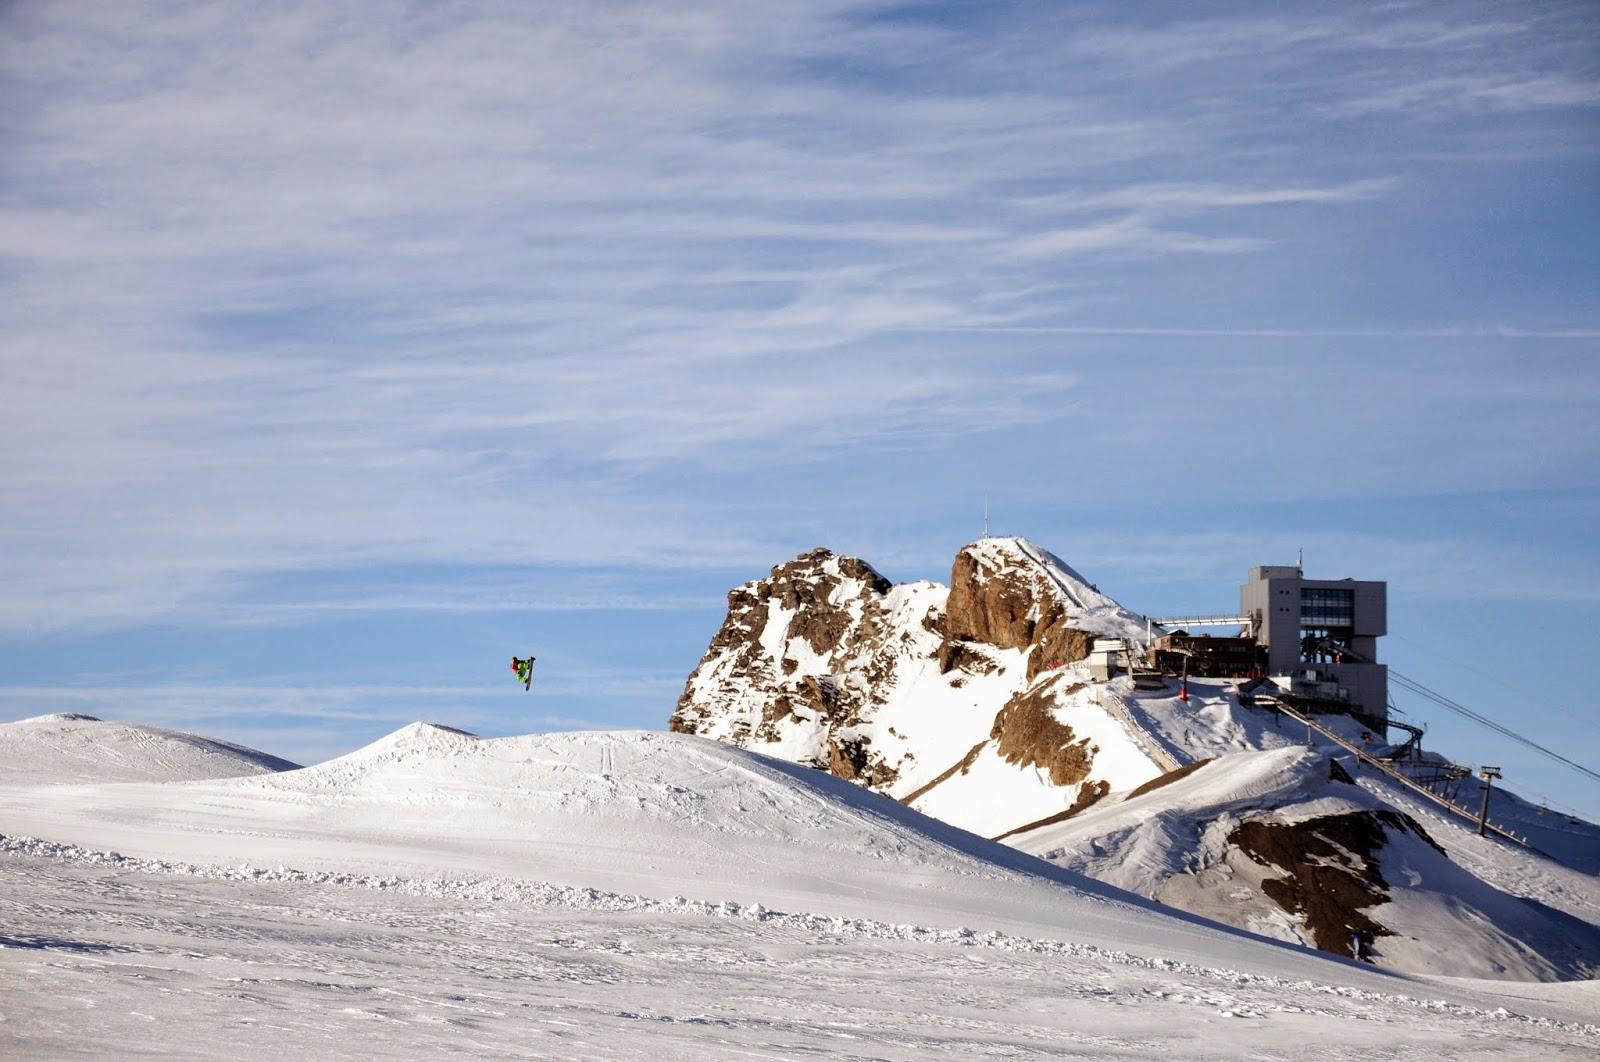 snow park glacier 3000